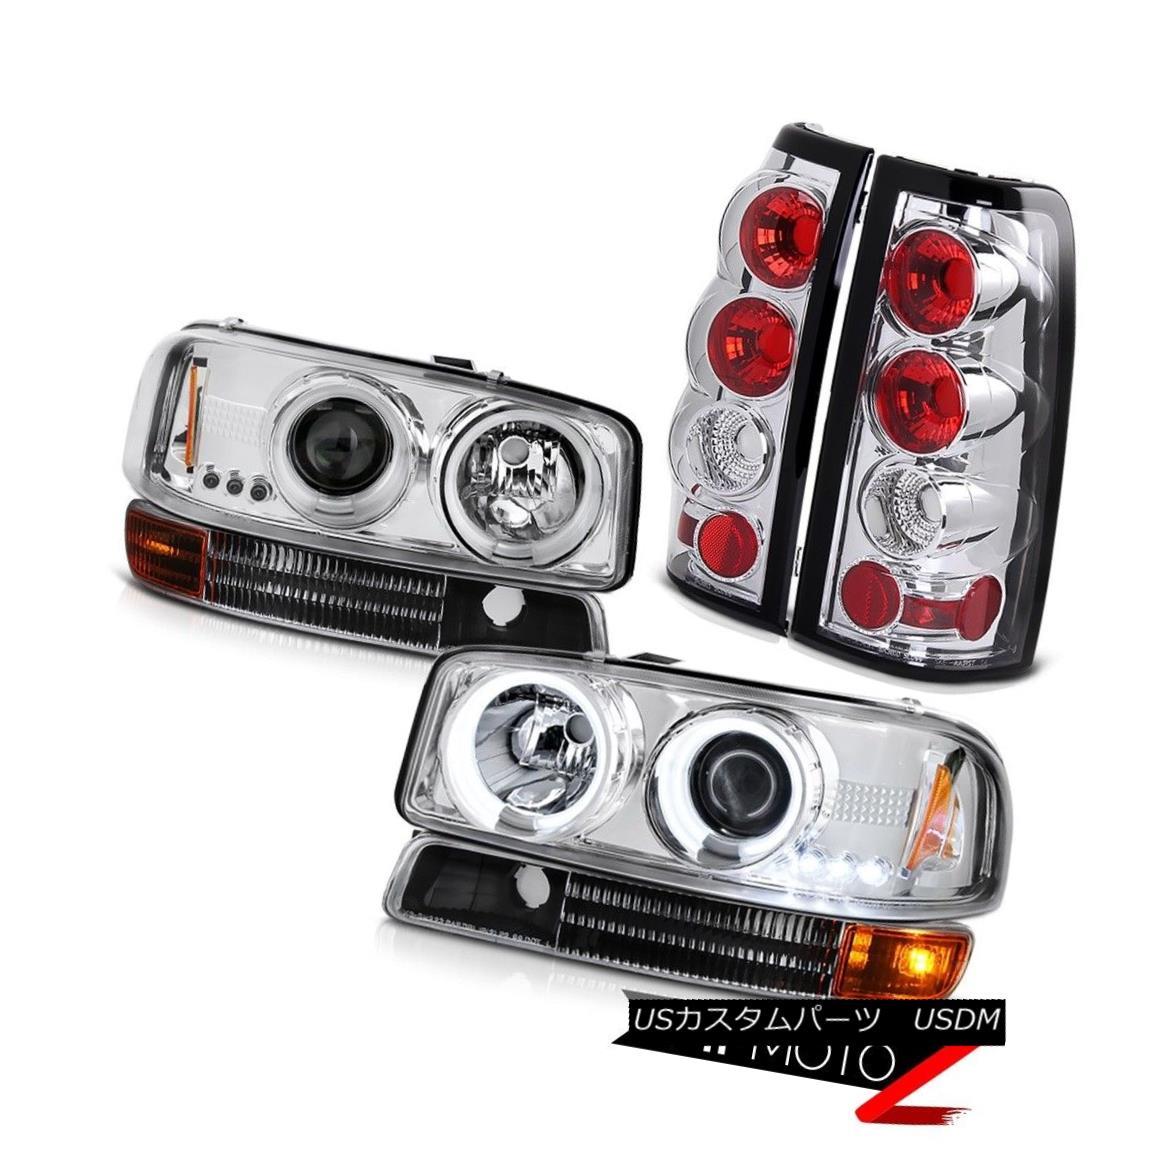 ヘッドライト 99-03 Sierra 5.3L CCFL Angel Eye Headlamps Satin Black Signal Chrome Brake Lamps 99-03 Sierra 5.3L CCFLエンジェルアイヘッドランプサテンブラック信号クロームブレーキランプ